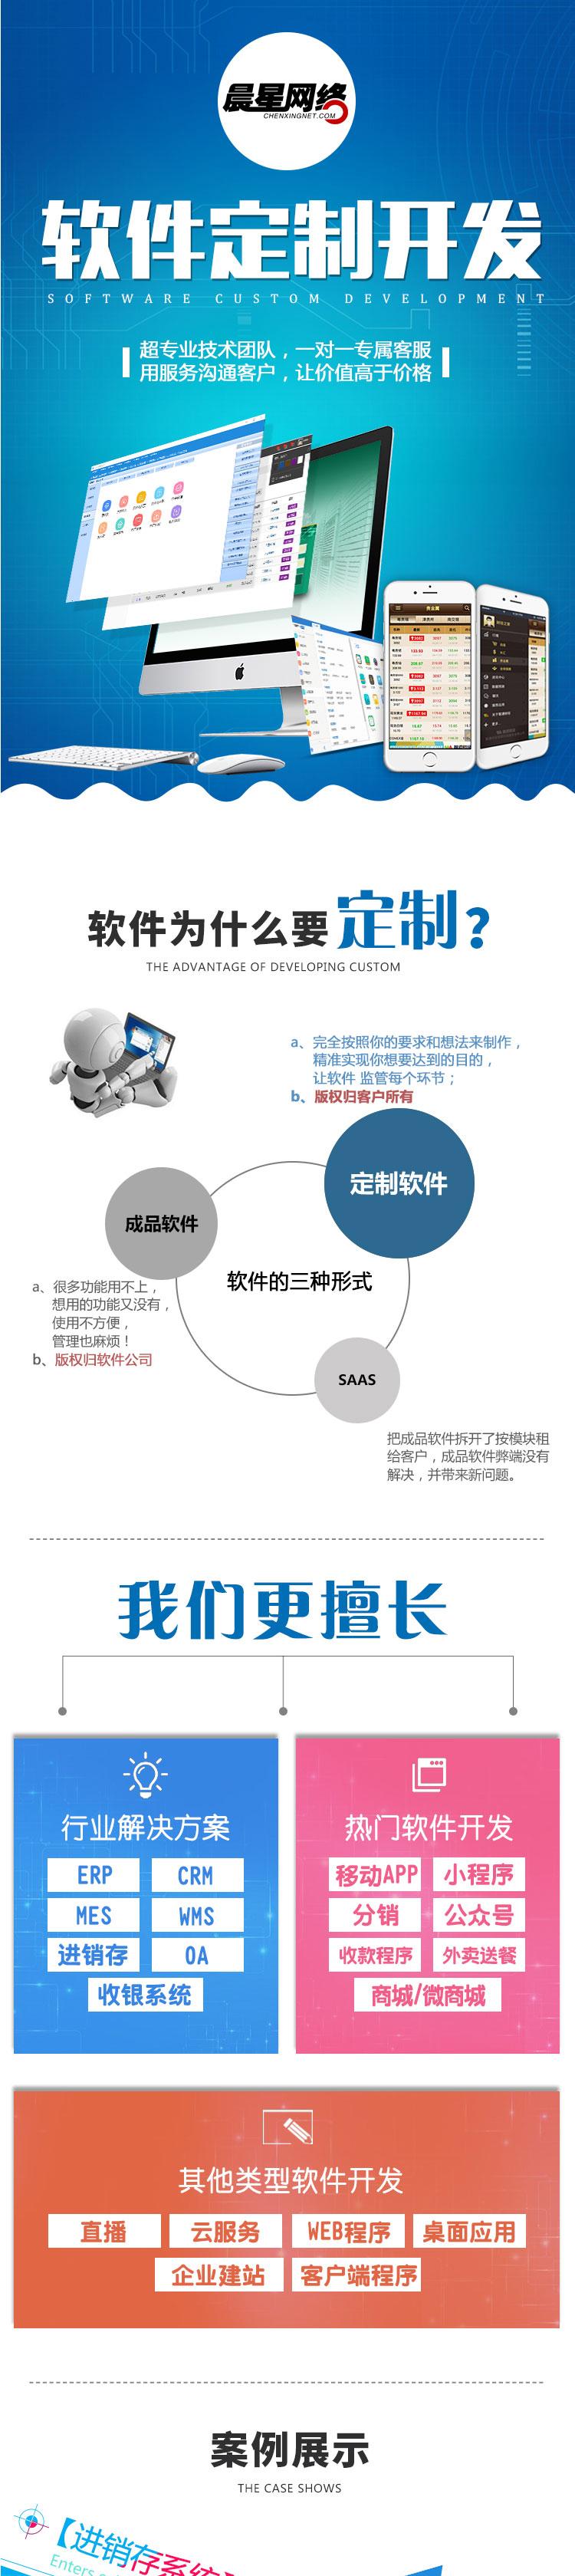 软件定制开发|程序修改|二次开发|APP定制开发|公众号小程序定制